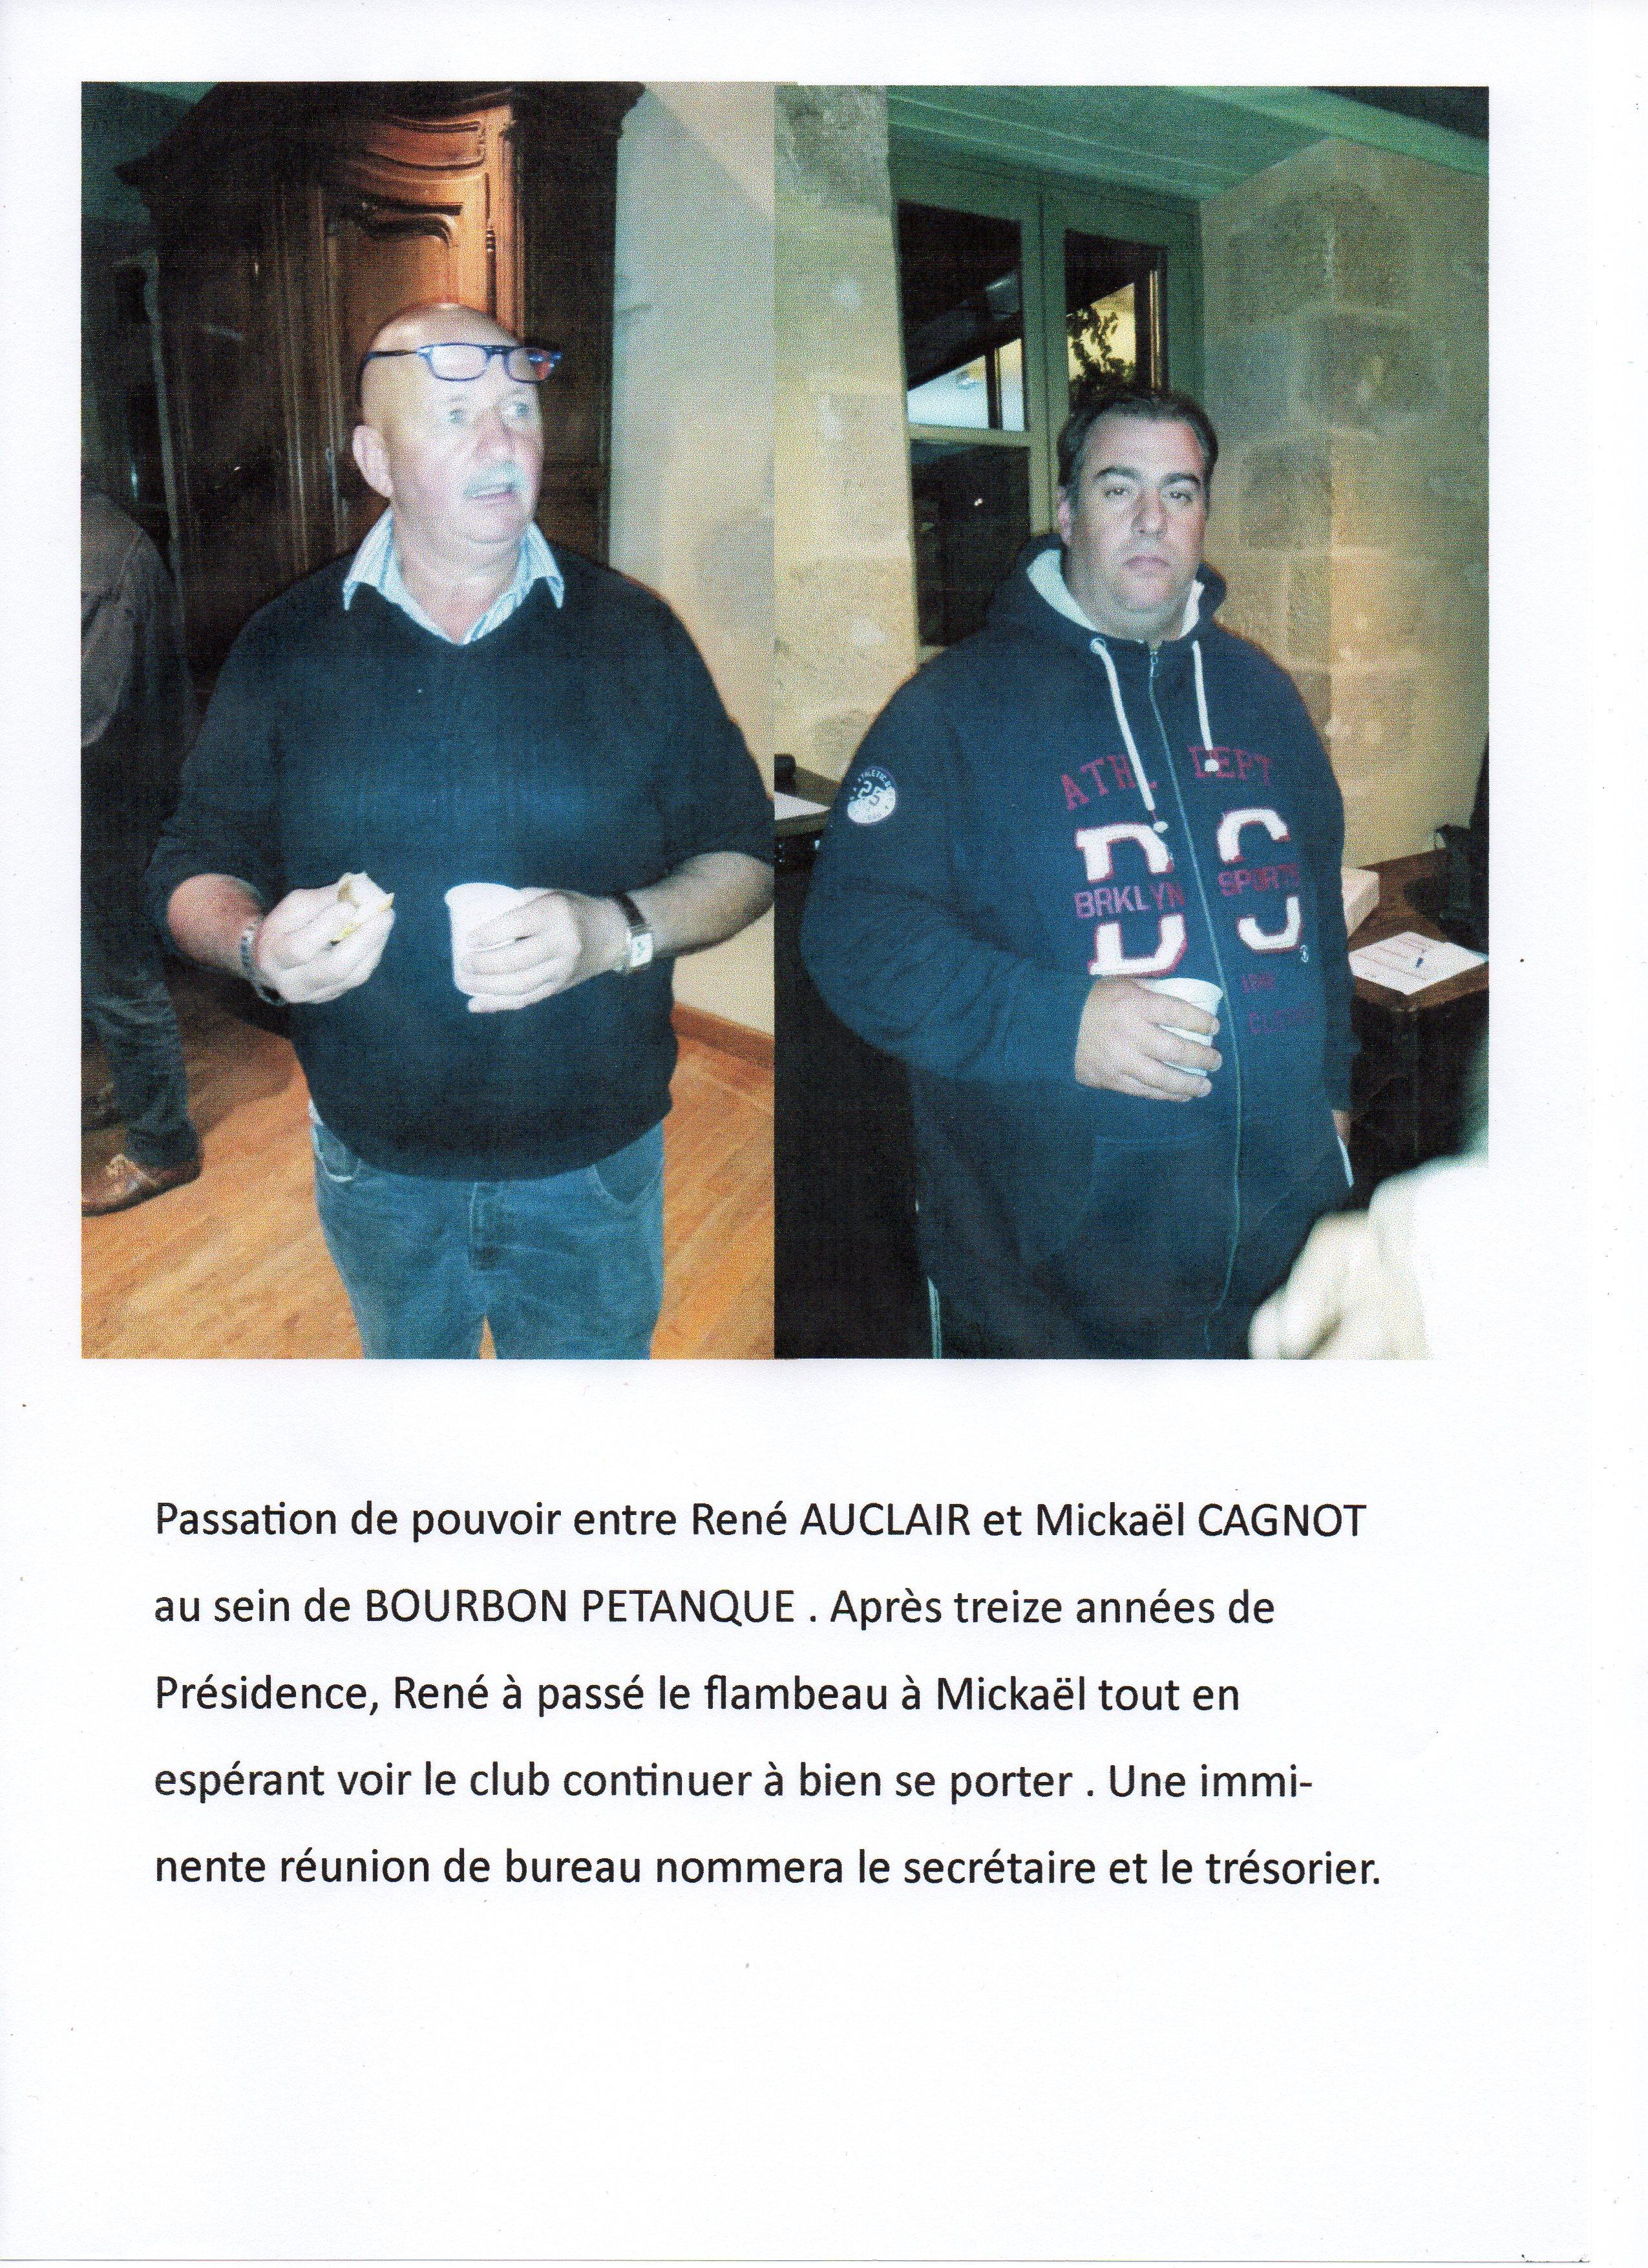 Présidence de Bourbon Pétanque